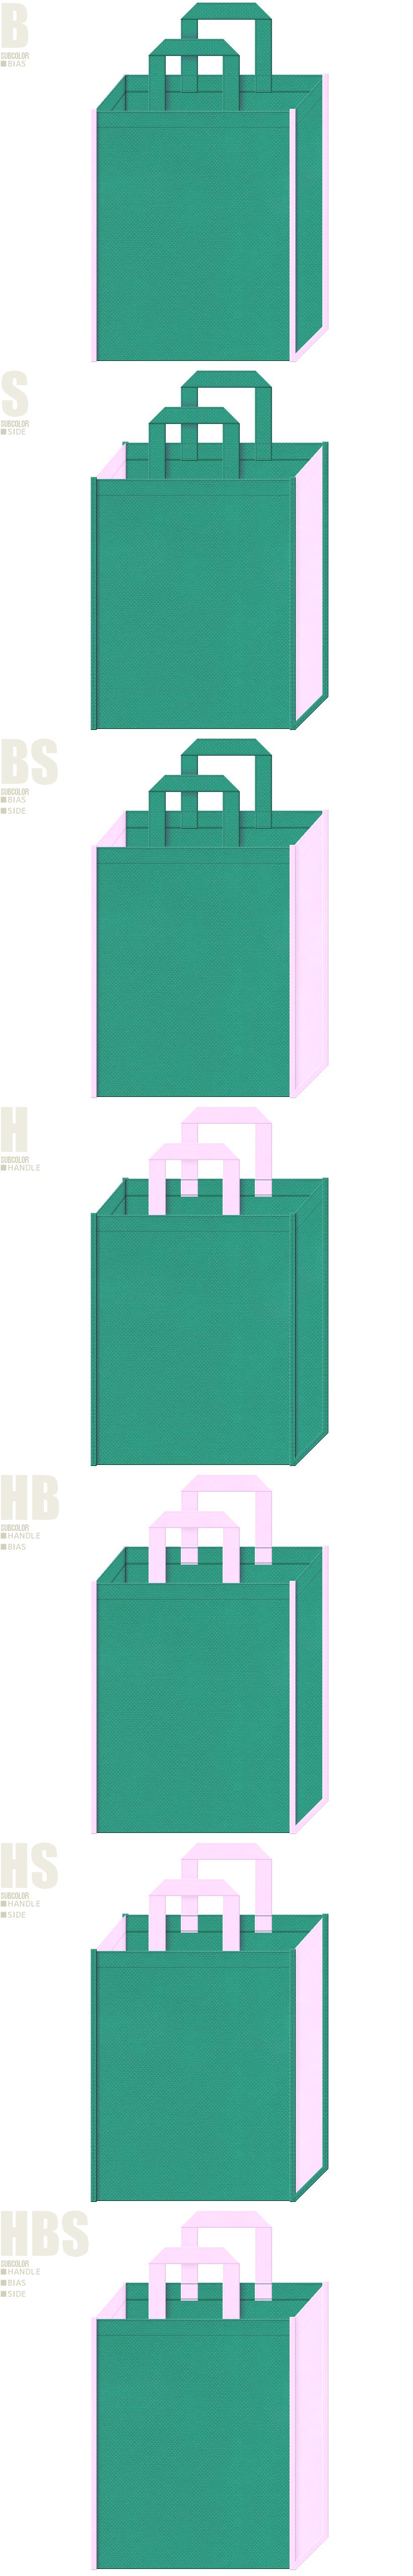 青緑色と明るめのピンク色、7パターンの不織布トートバッグ配色デザイン例。介護、福祉施設向け不織布バッグにお奨めの配色です。